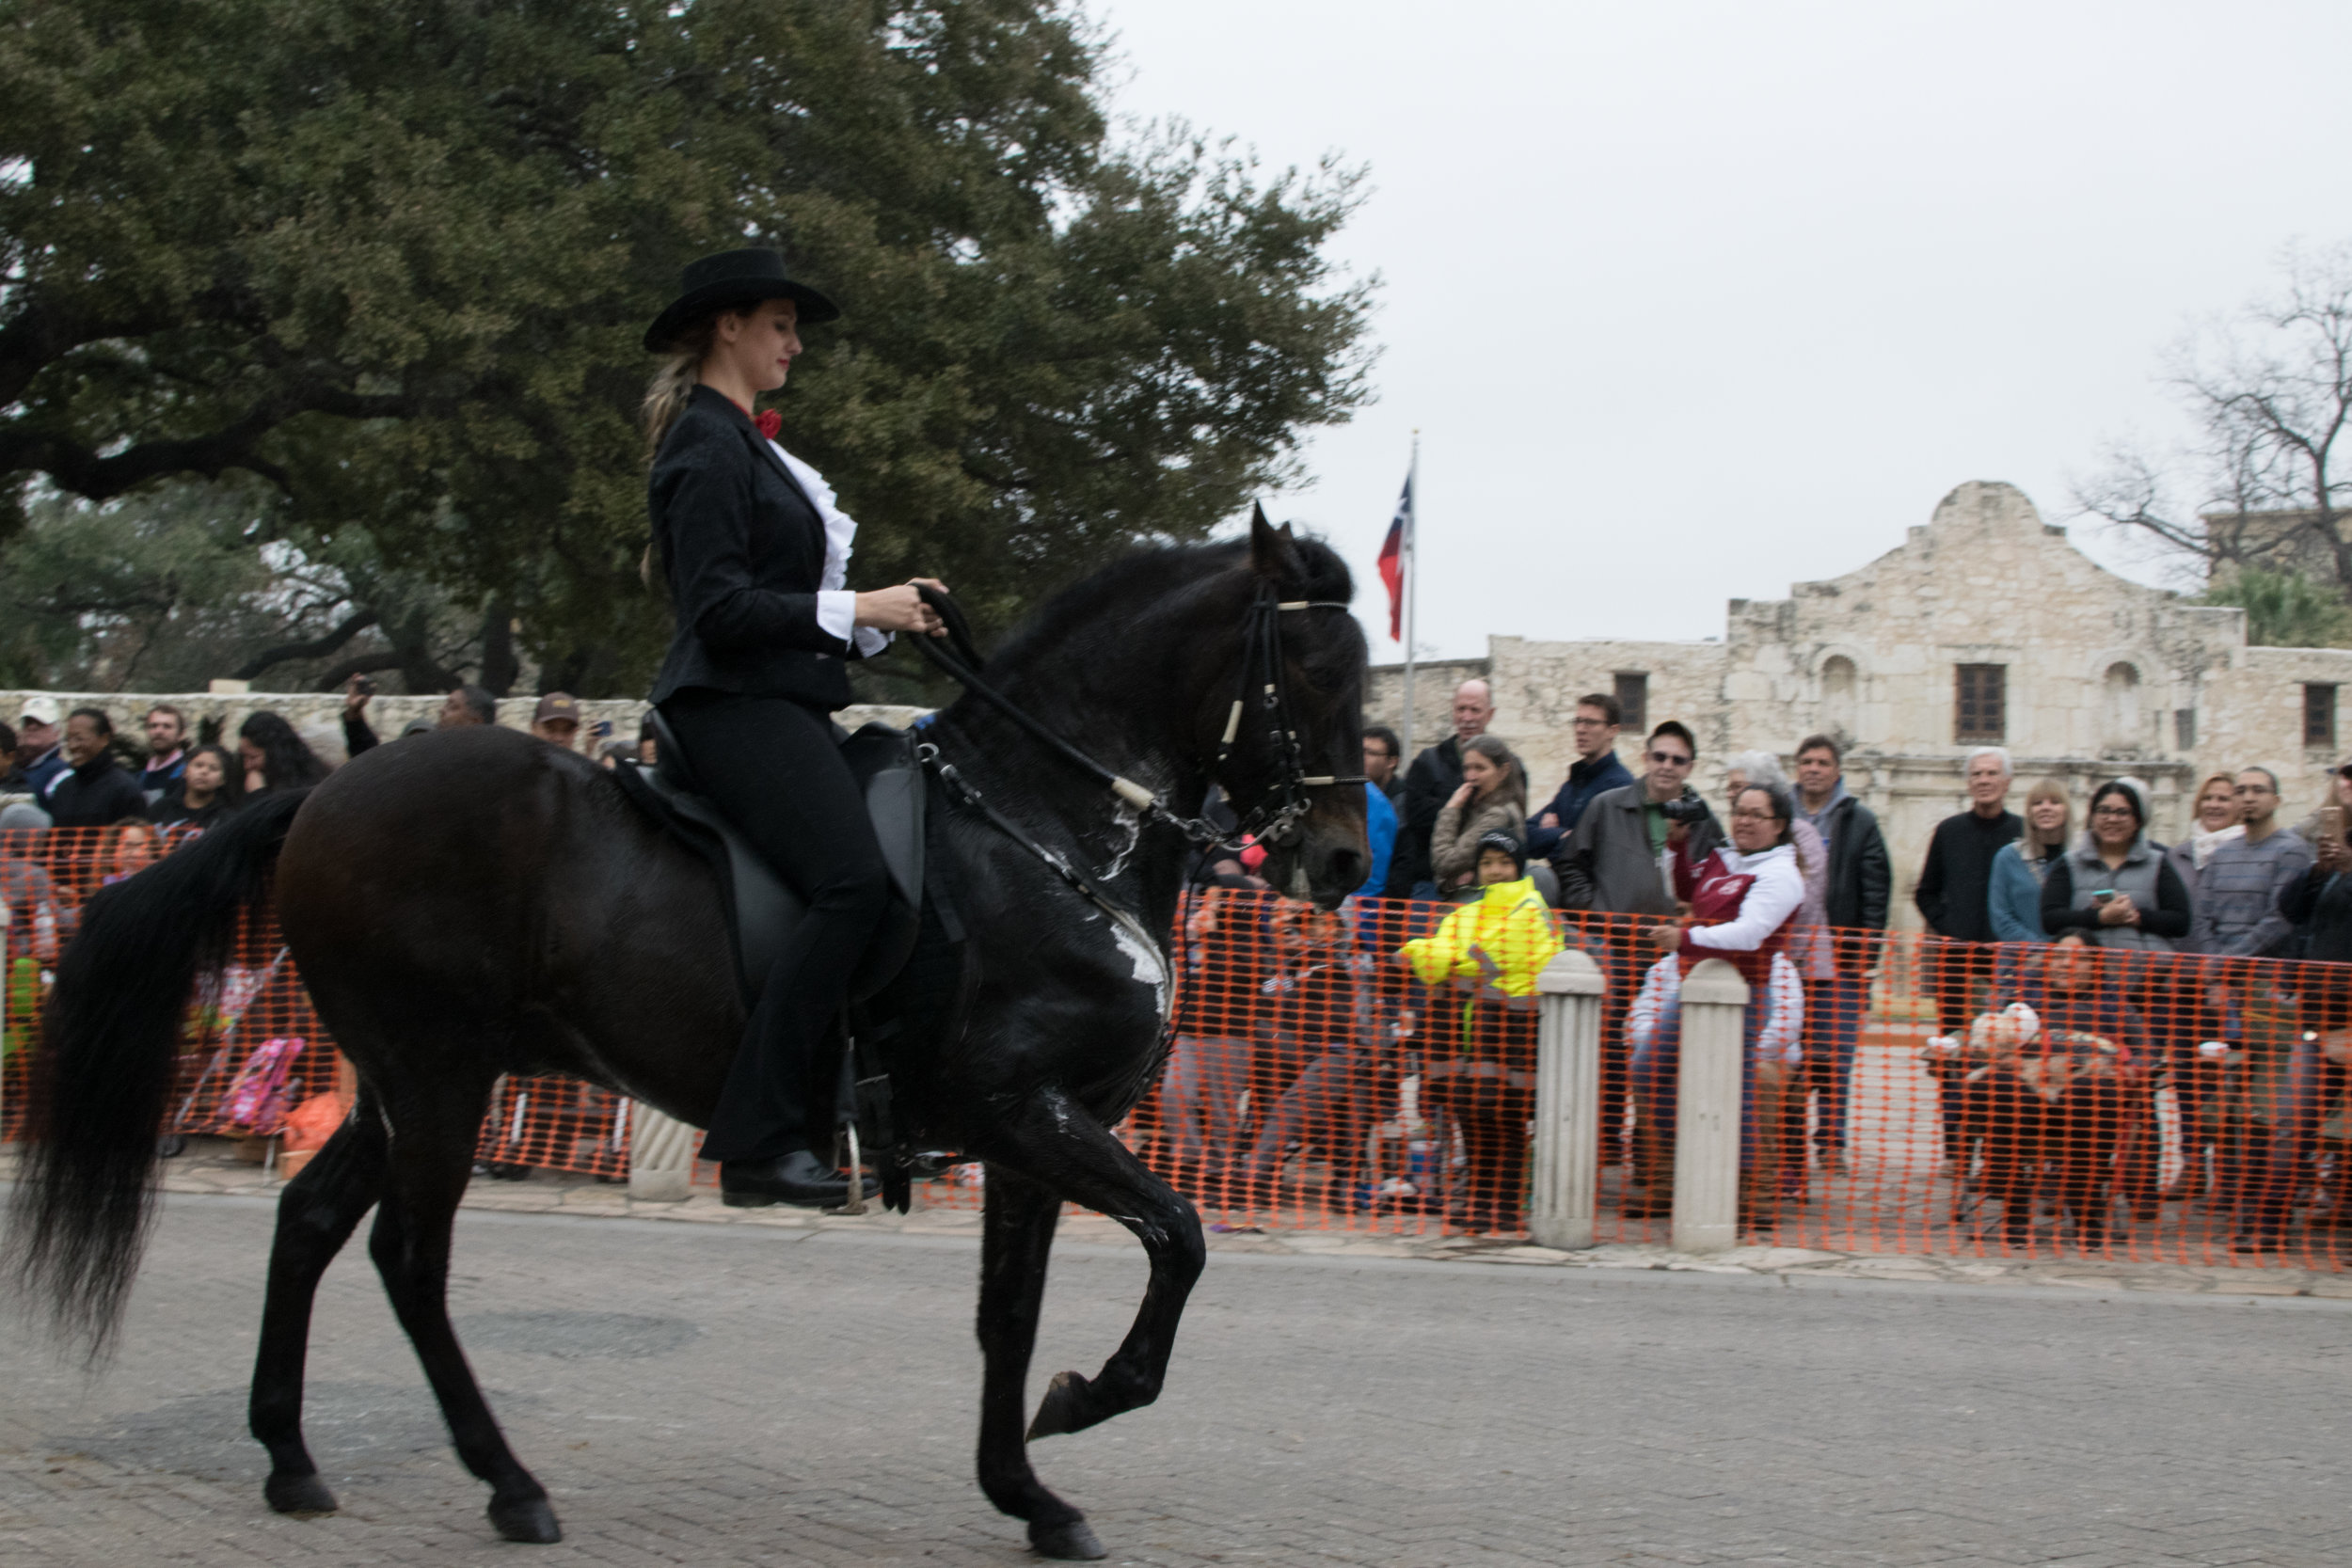 San Antonio Parade 2-3-18 (10 of 50).jpg